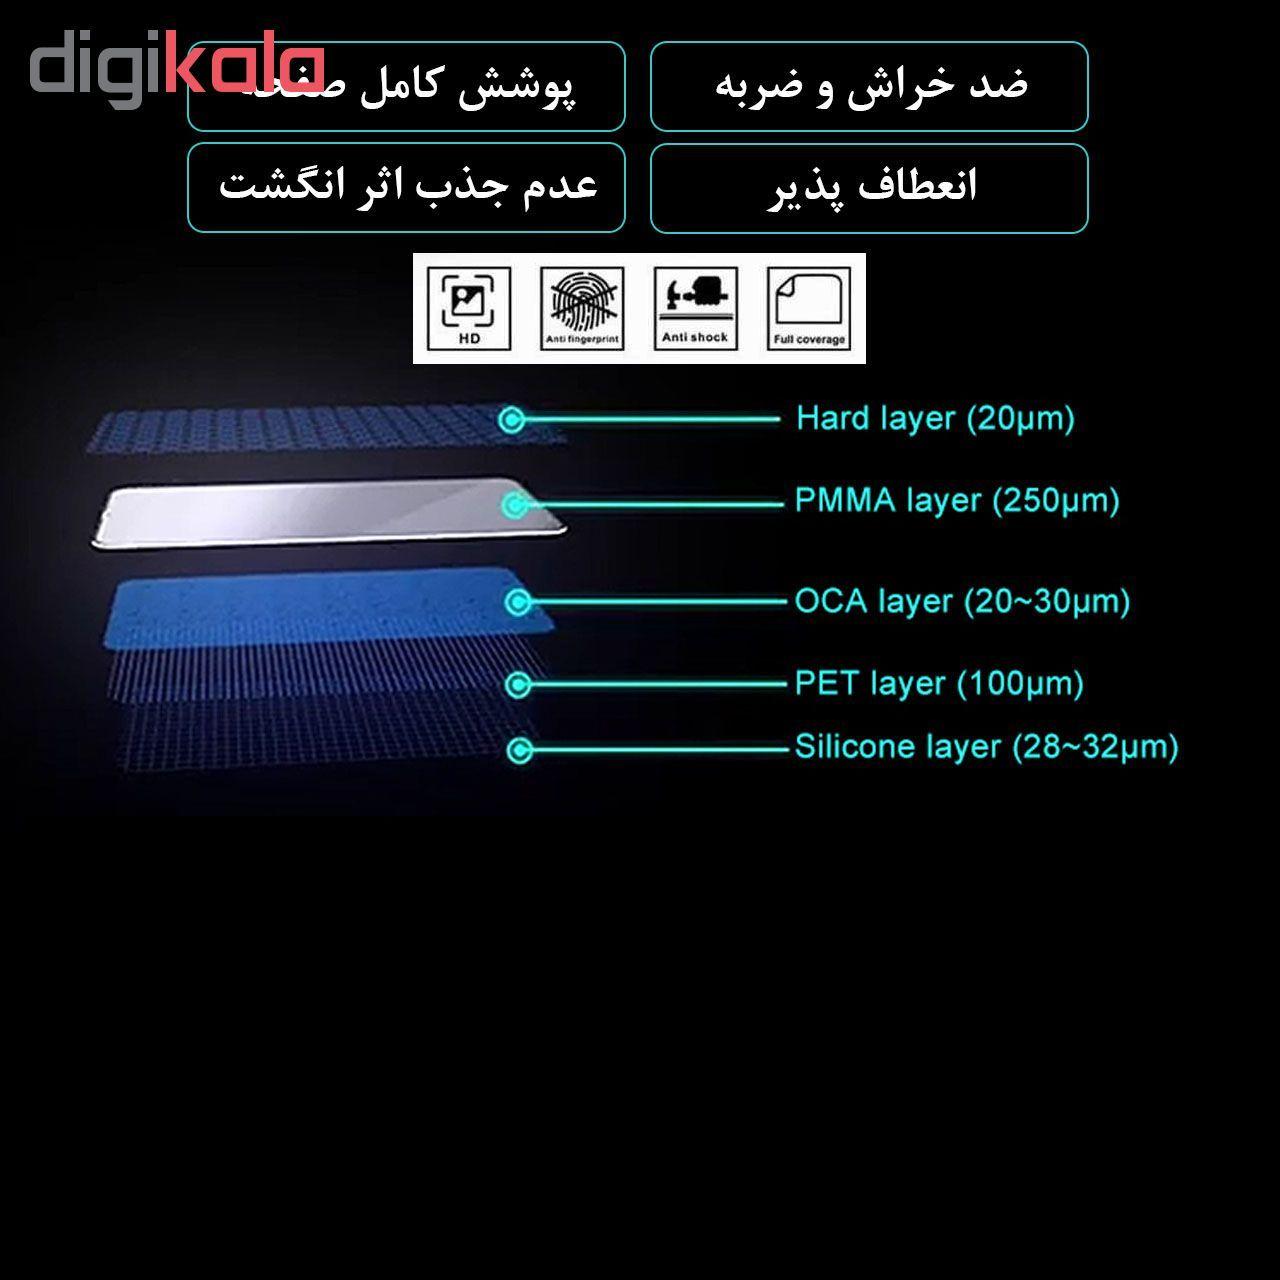 محافظ صفحه نمایش 9D مدل  CRA-IX مناسب برای گوشی موبایل اپل iphone X / XS / 11 pro main 1 1